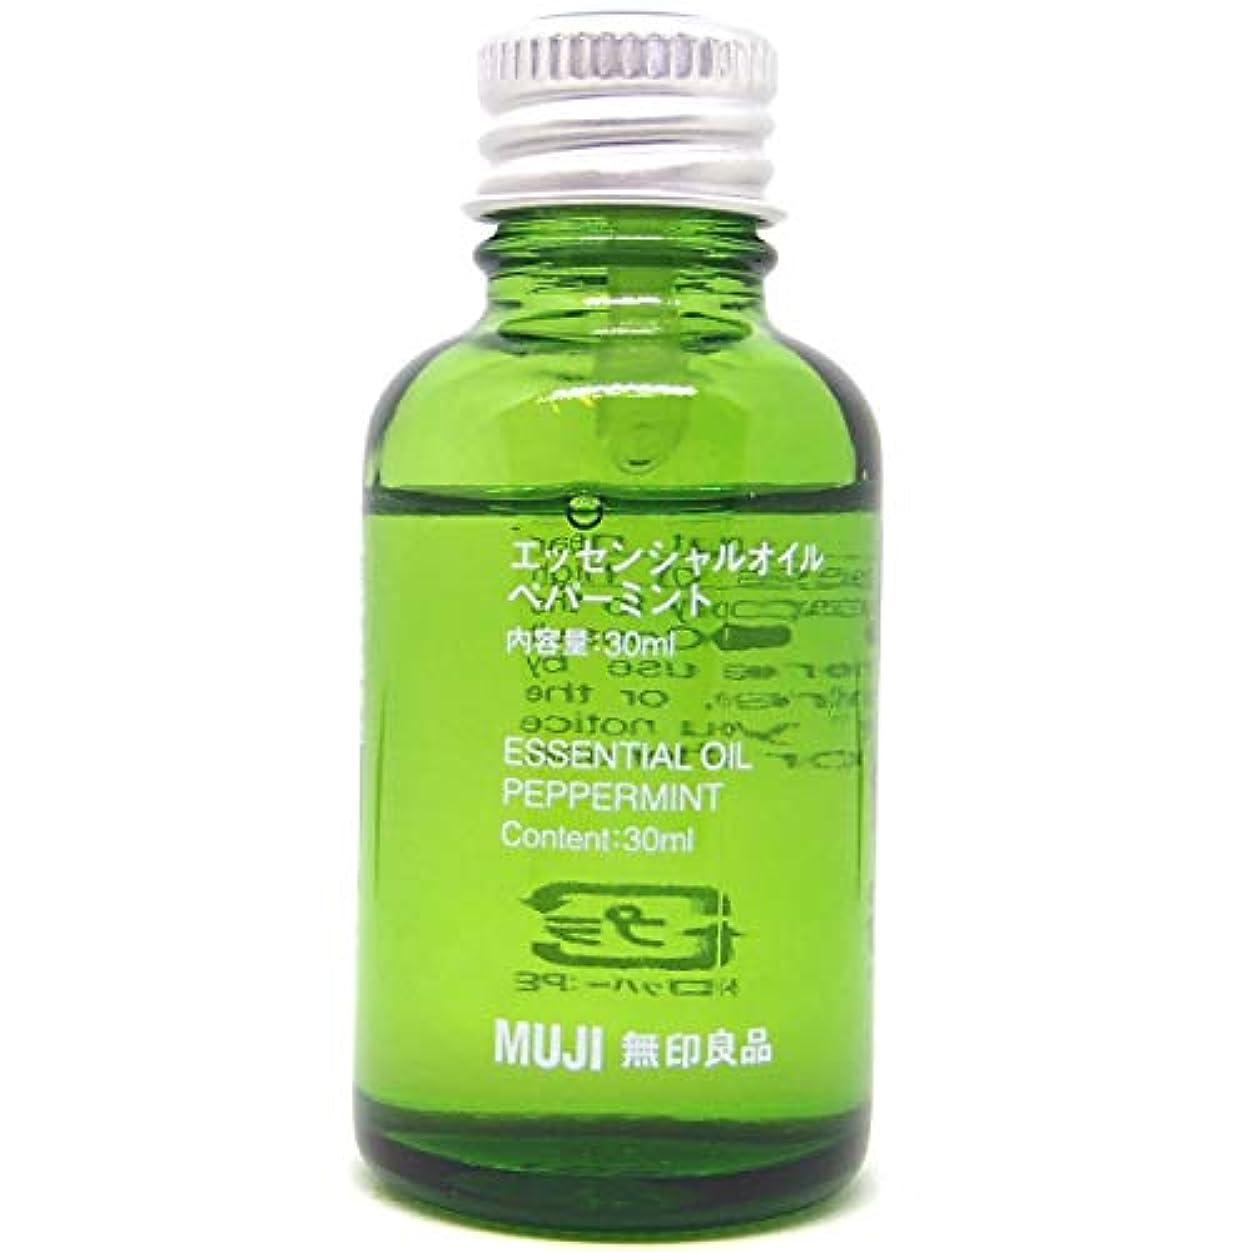 免疫ルースプリット【無印良品】エッセンシャルオイル30ml(ペパーミント)